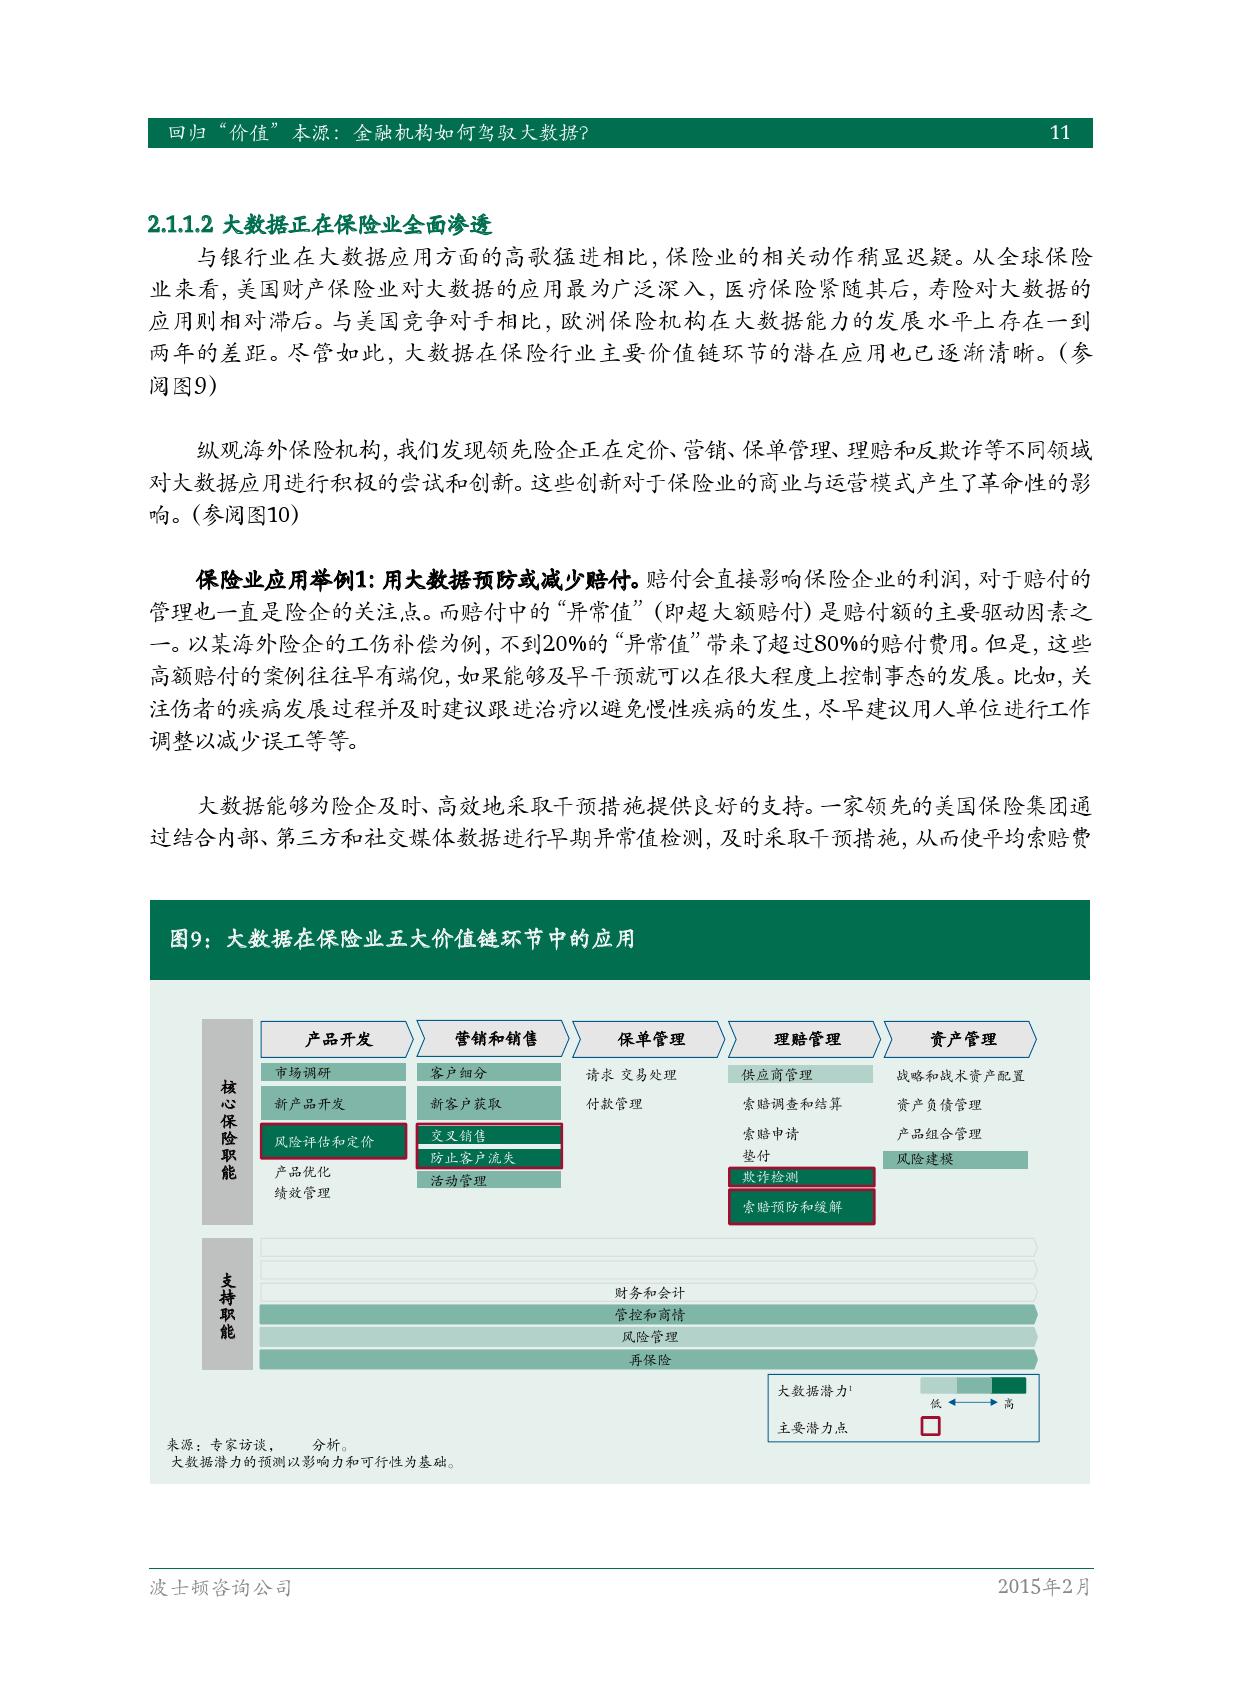 金融机构如何驾驭大数据_000013